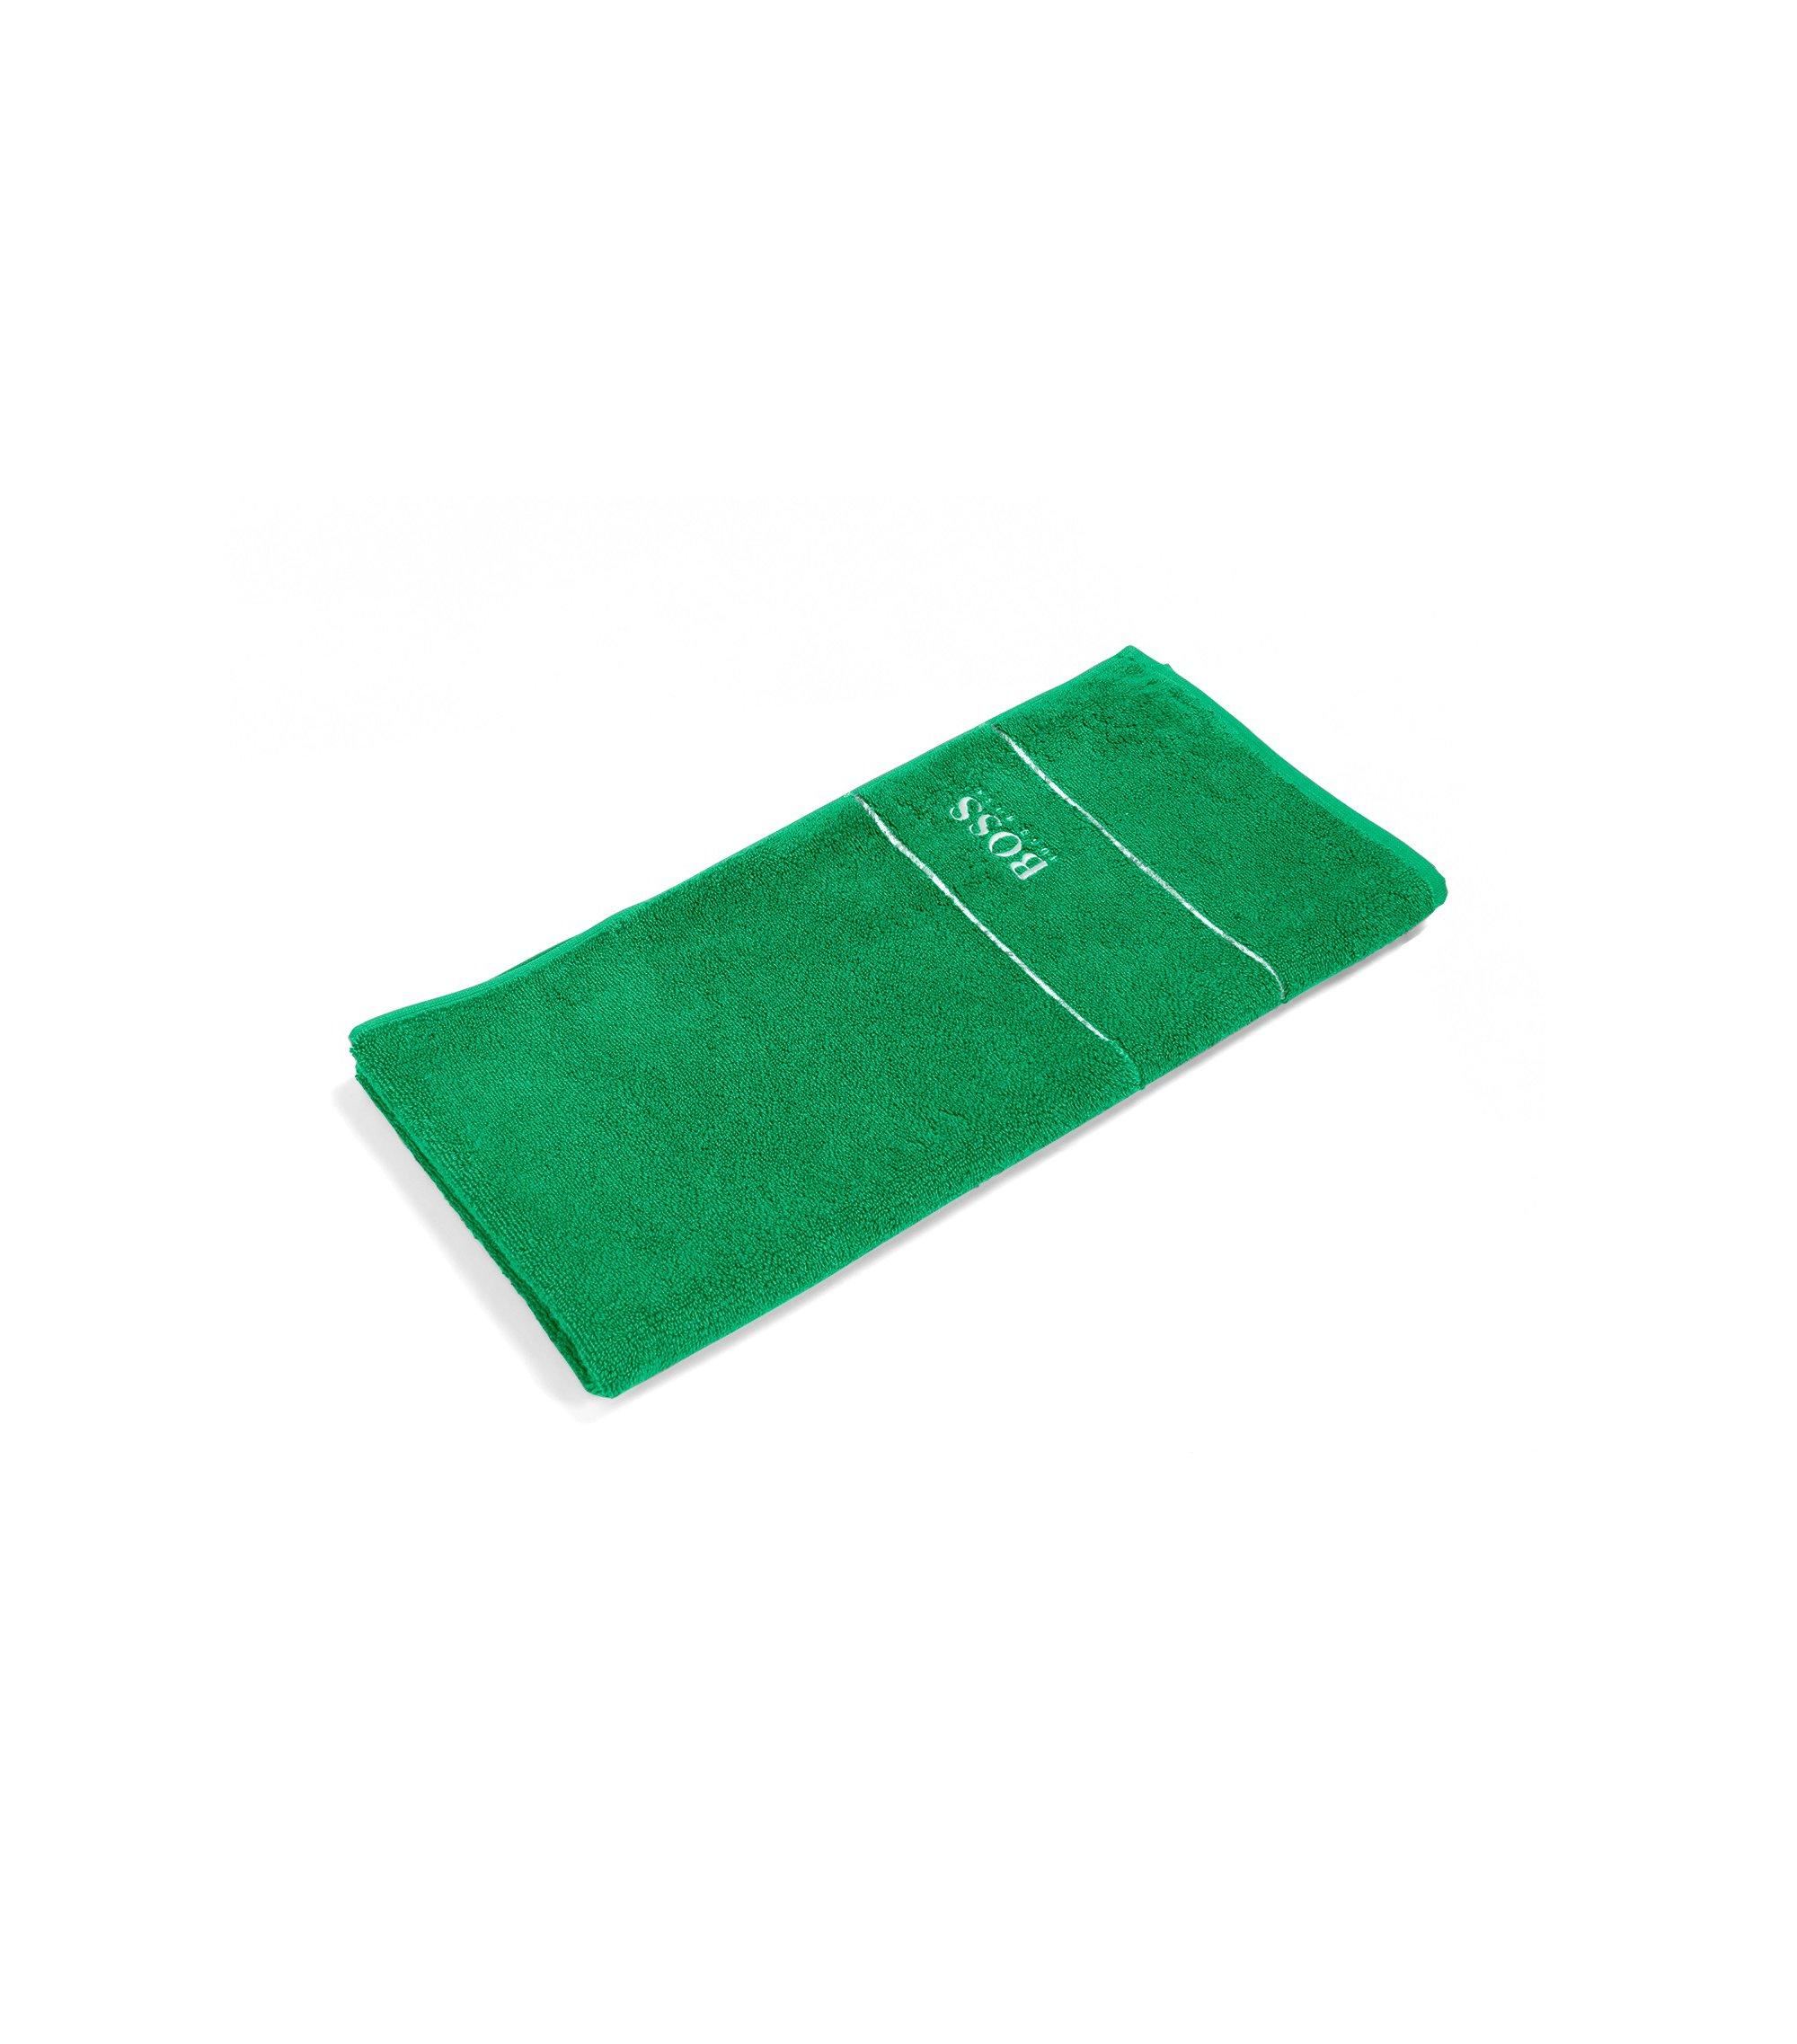 Toalla de mano en algodón egipcio de la máxima calidad con logo en el borde, Verde